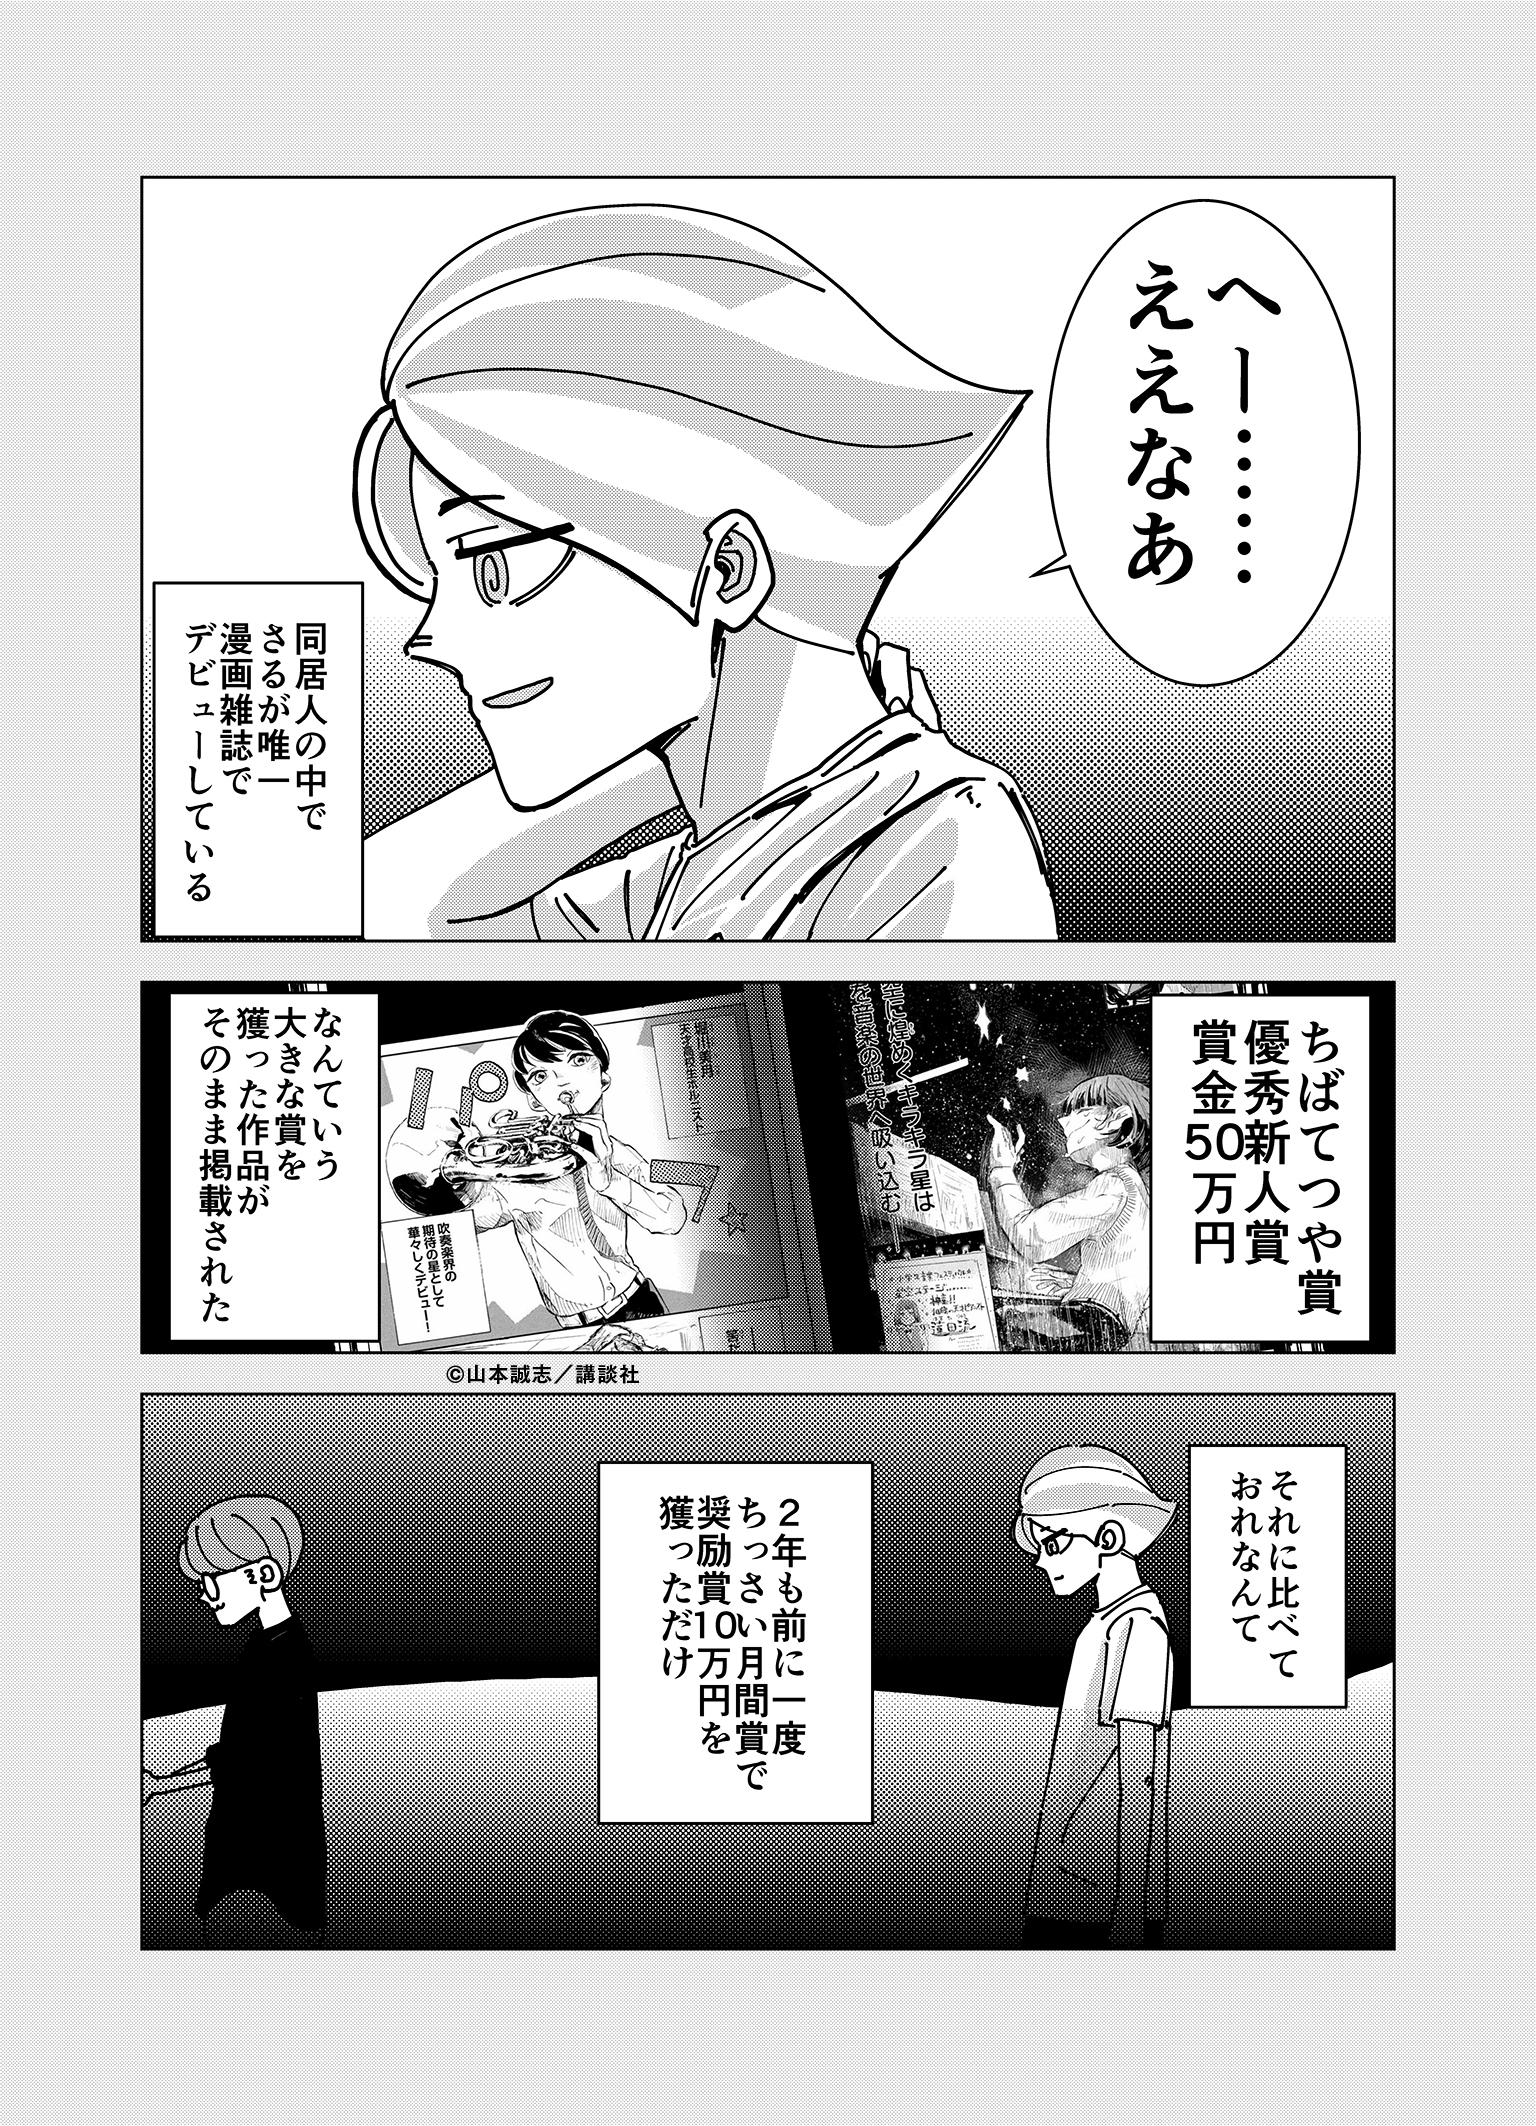 share04_007_b